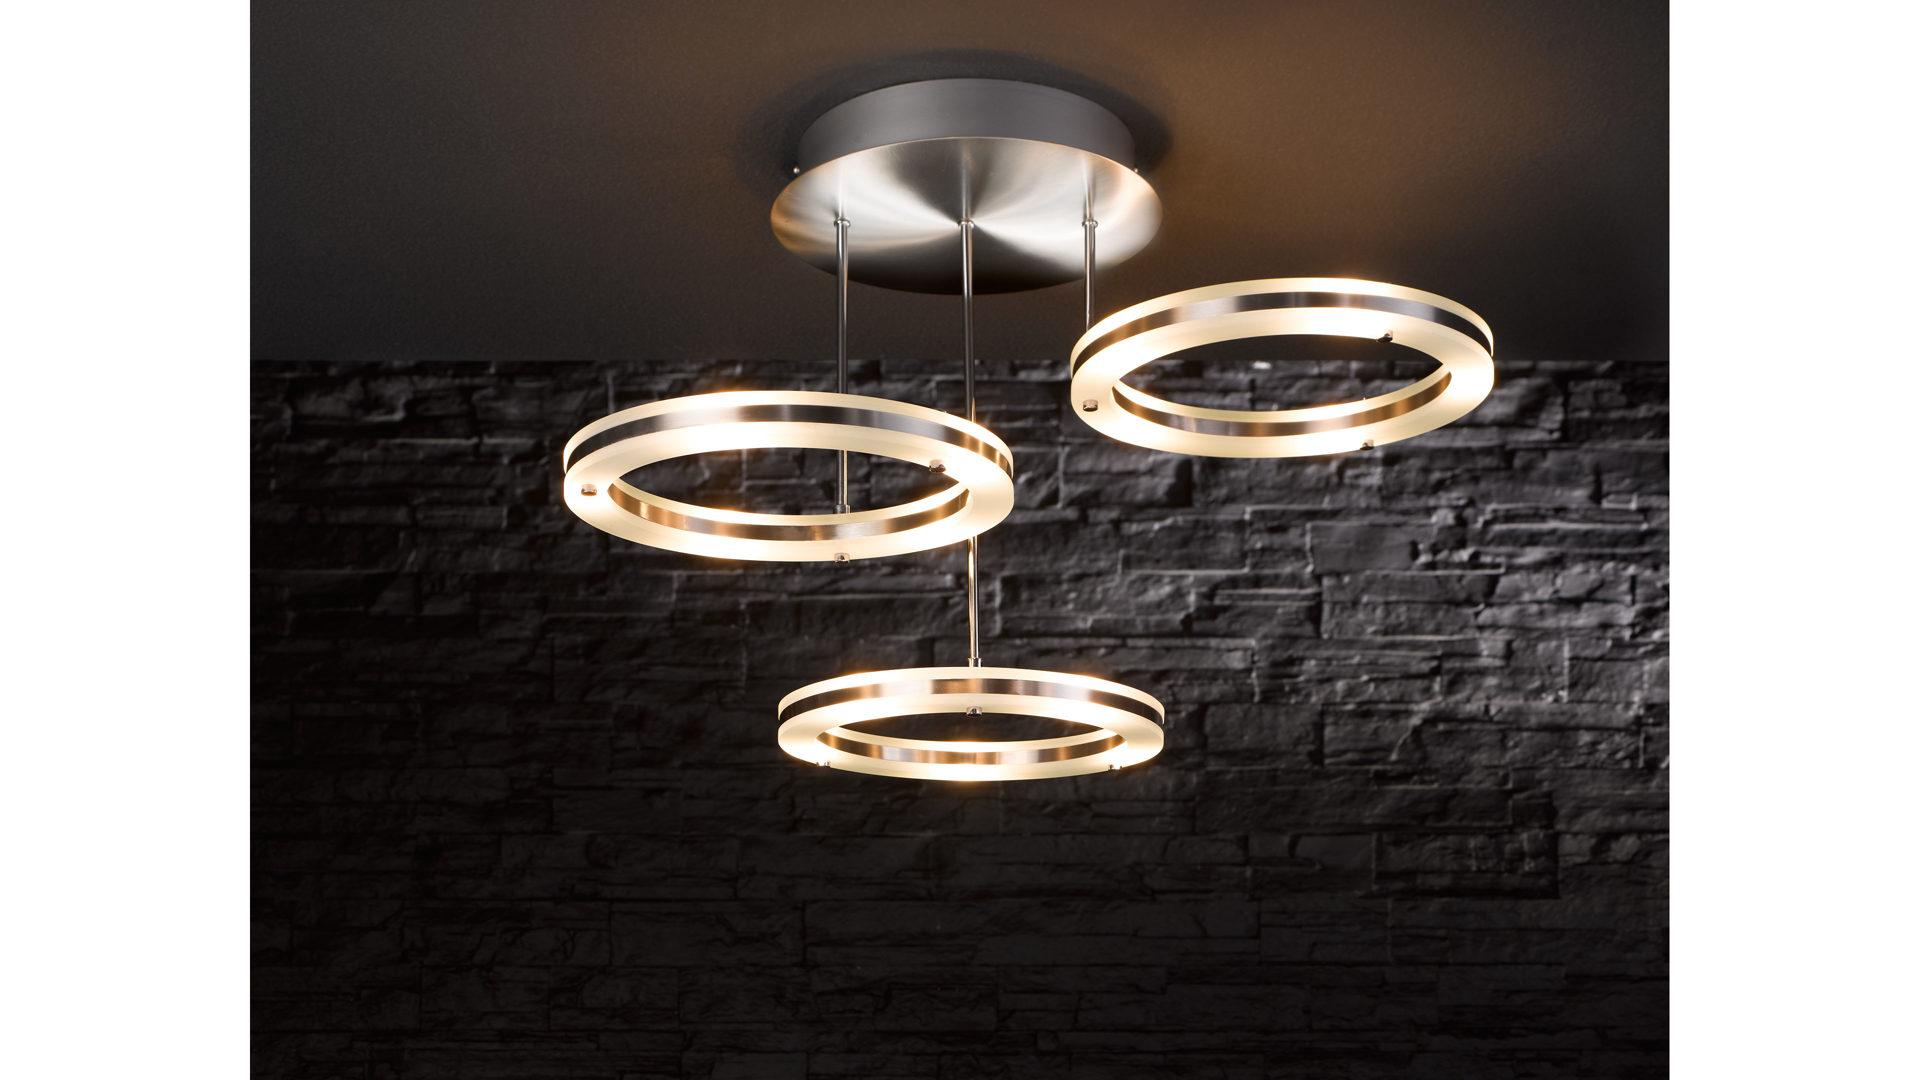 Wohnland Breitwieser | Räume | Schlafzimmer | Lampen + Leuchten